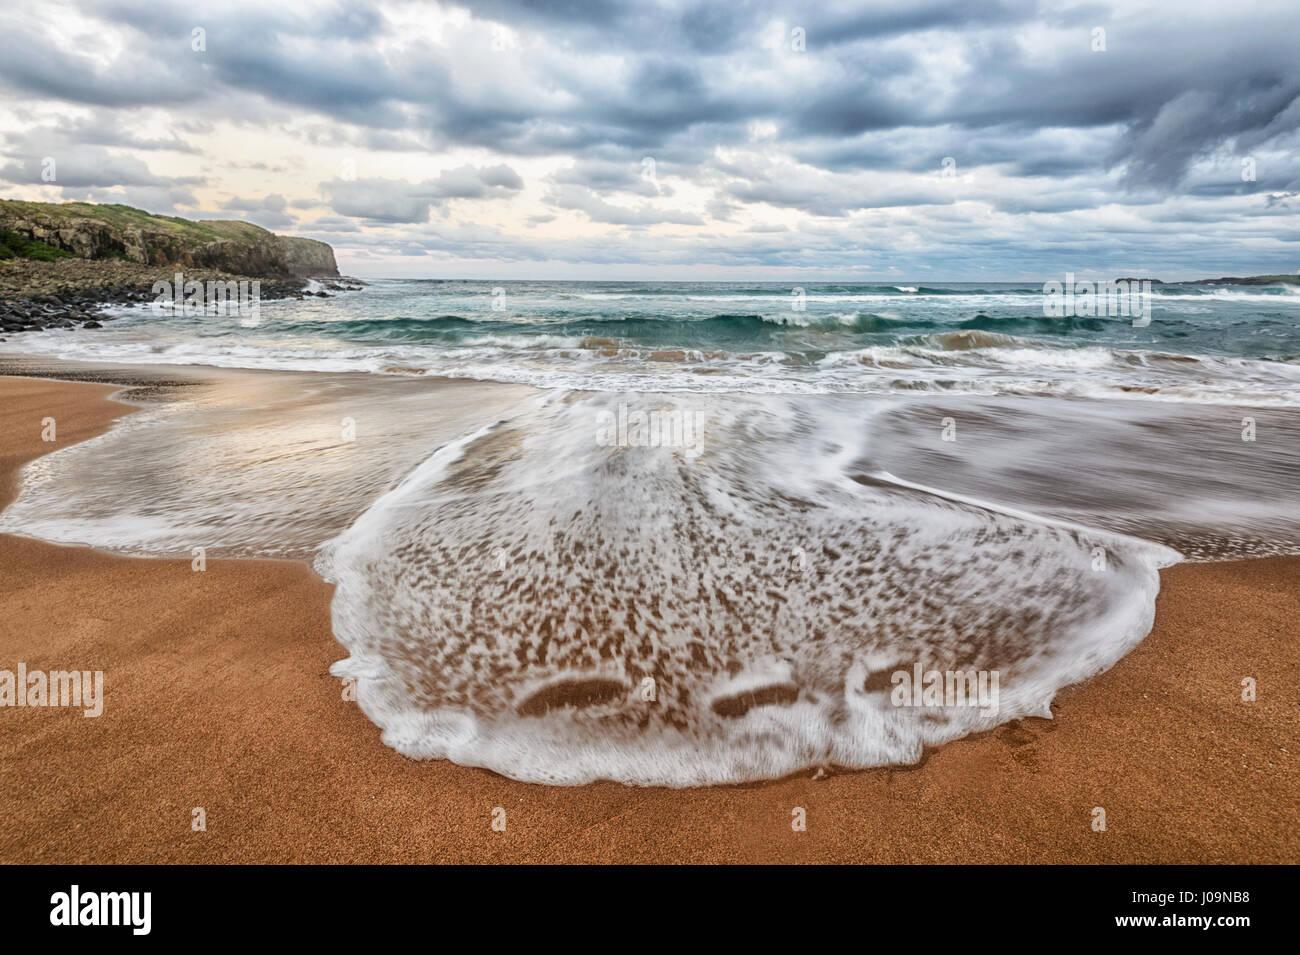 Dramatischen Blick auf einen drohenden Sturm und Wellenmuster auf Bombo Strand, Kiama, Illawarra Coast, New-South.Wales, Stockbild